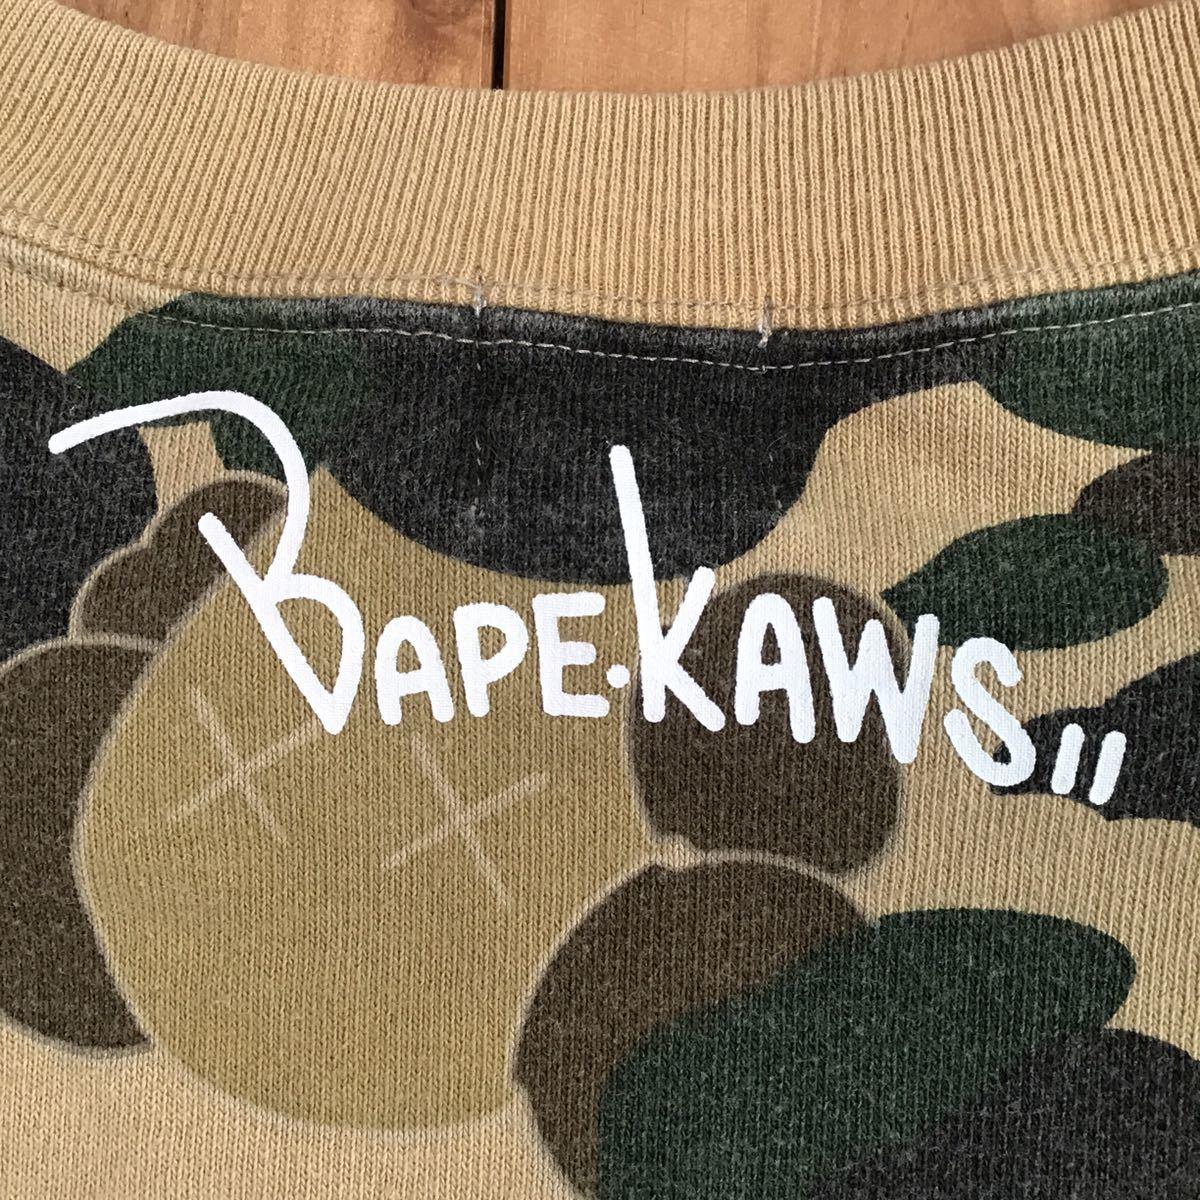 kaws × bape 半袖 スウェット Sサイズ bendy 1st camo yellow a bathing ape sweat エイプ ベイプ アベイシングエイプ 迷彩 1223